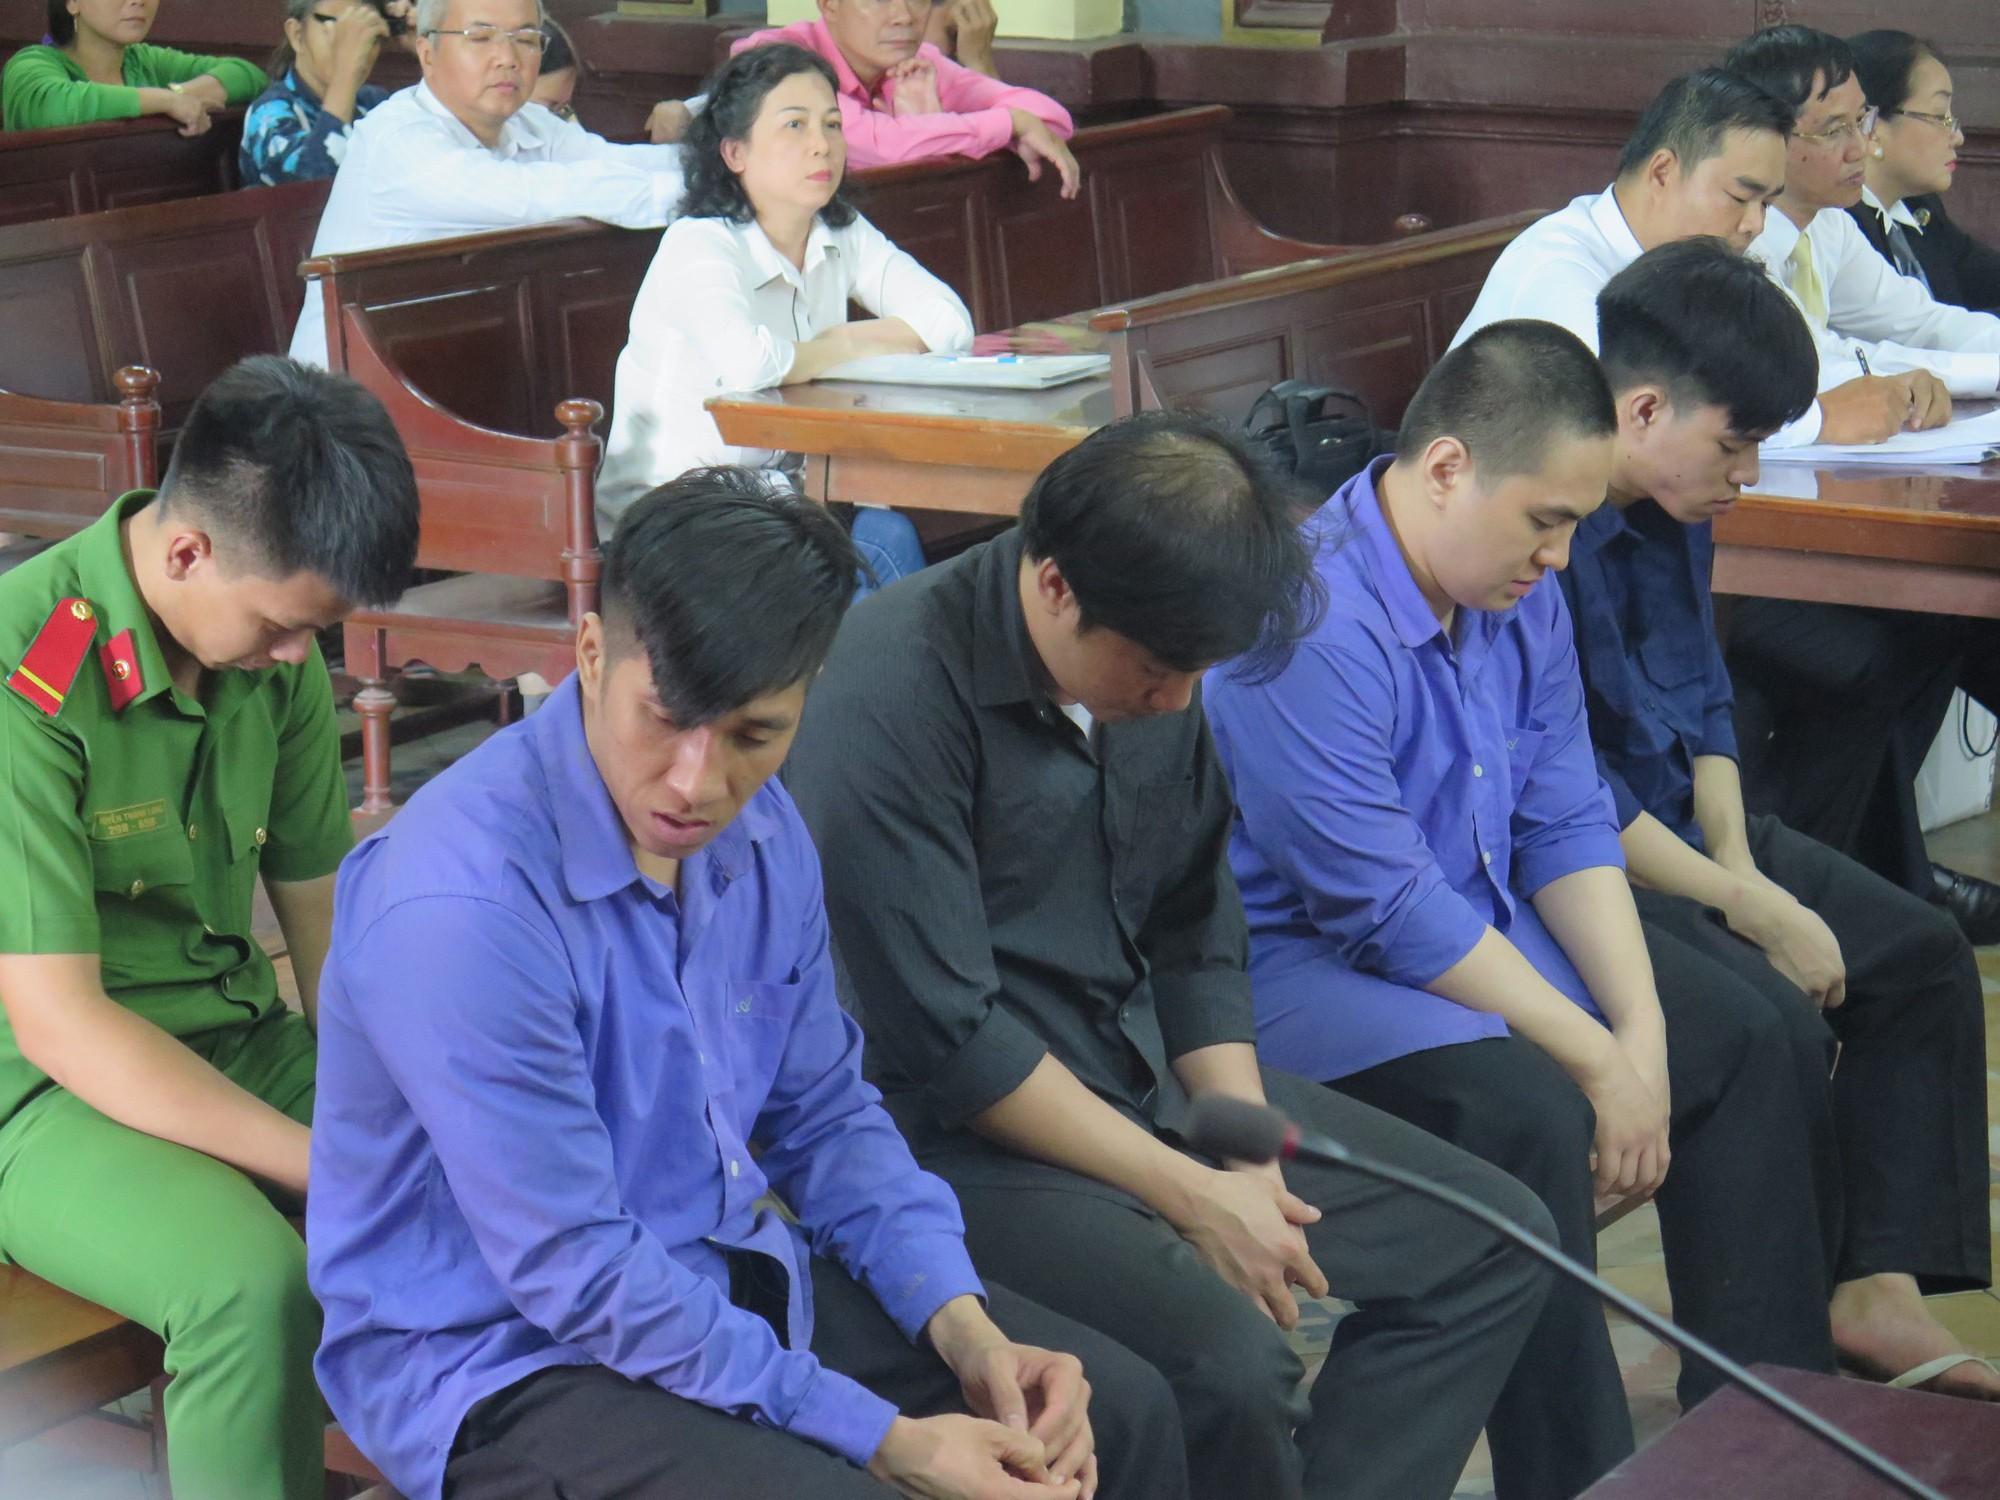 Cựu CSGT gọi giang hồ đánh chết người vi phạm lãnh 12 năm tù - Ảnh